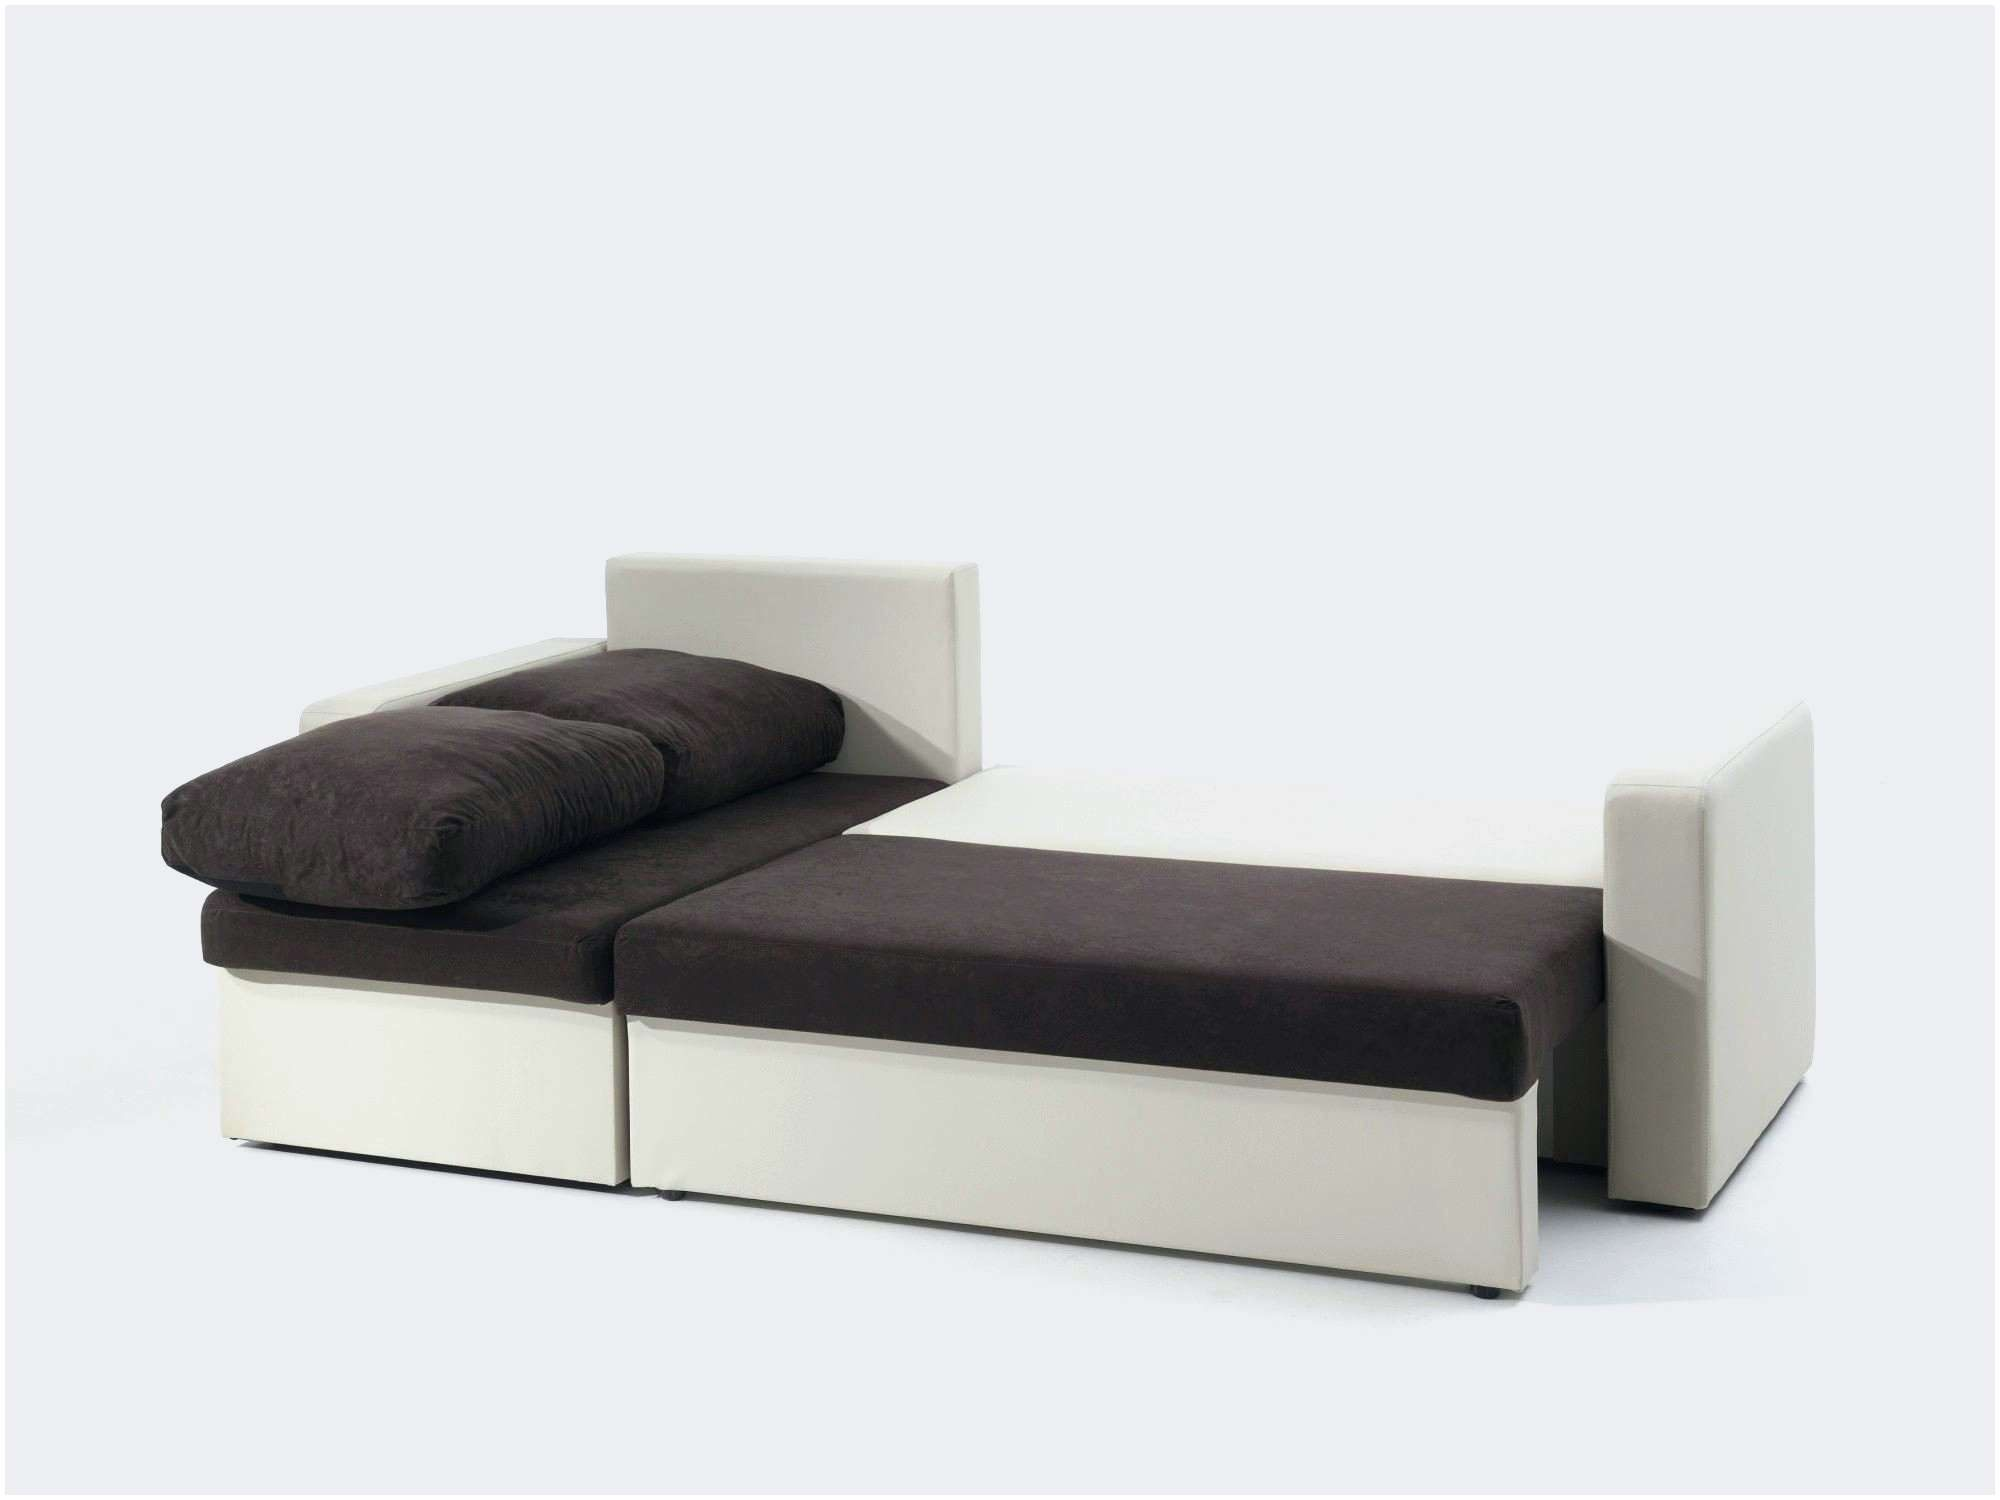 Lit Superposé Angle Génial Inspiré 24 Inspiration Cabane Pour Lit Superposé Home Design